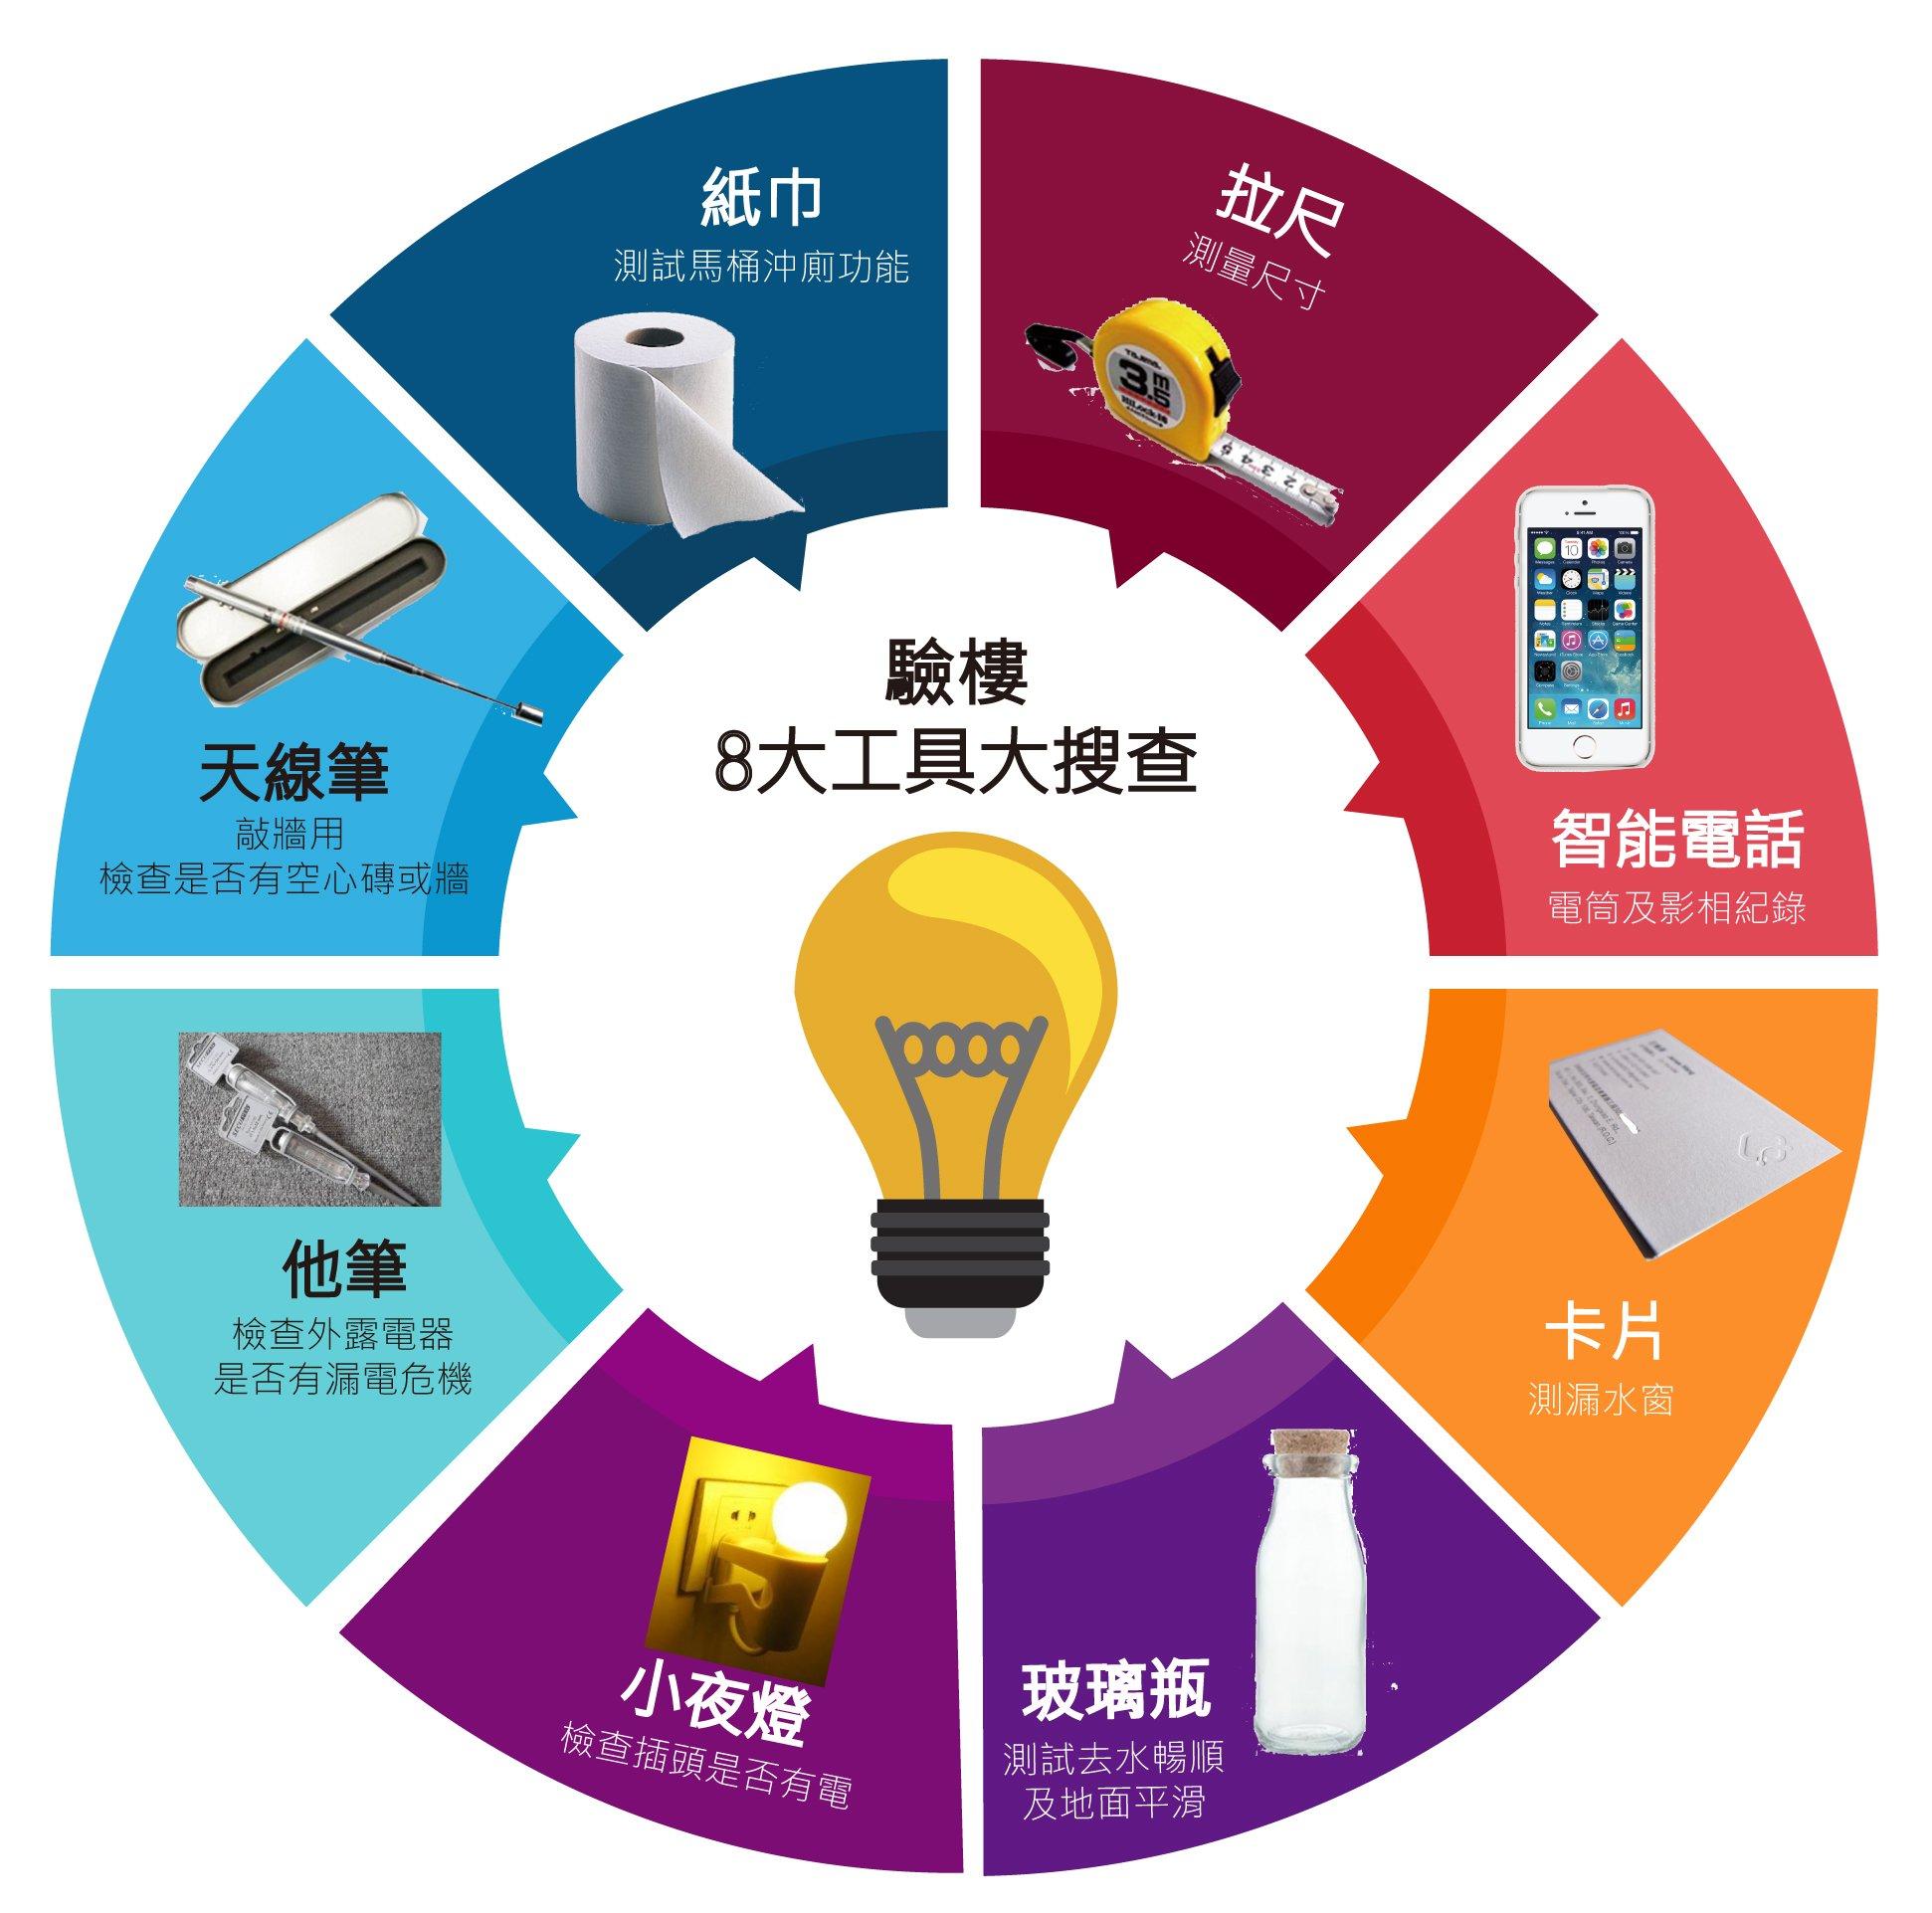 1 8大tools graphic 01